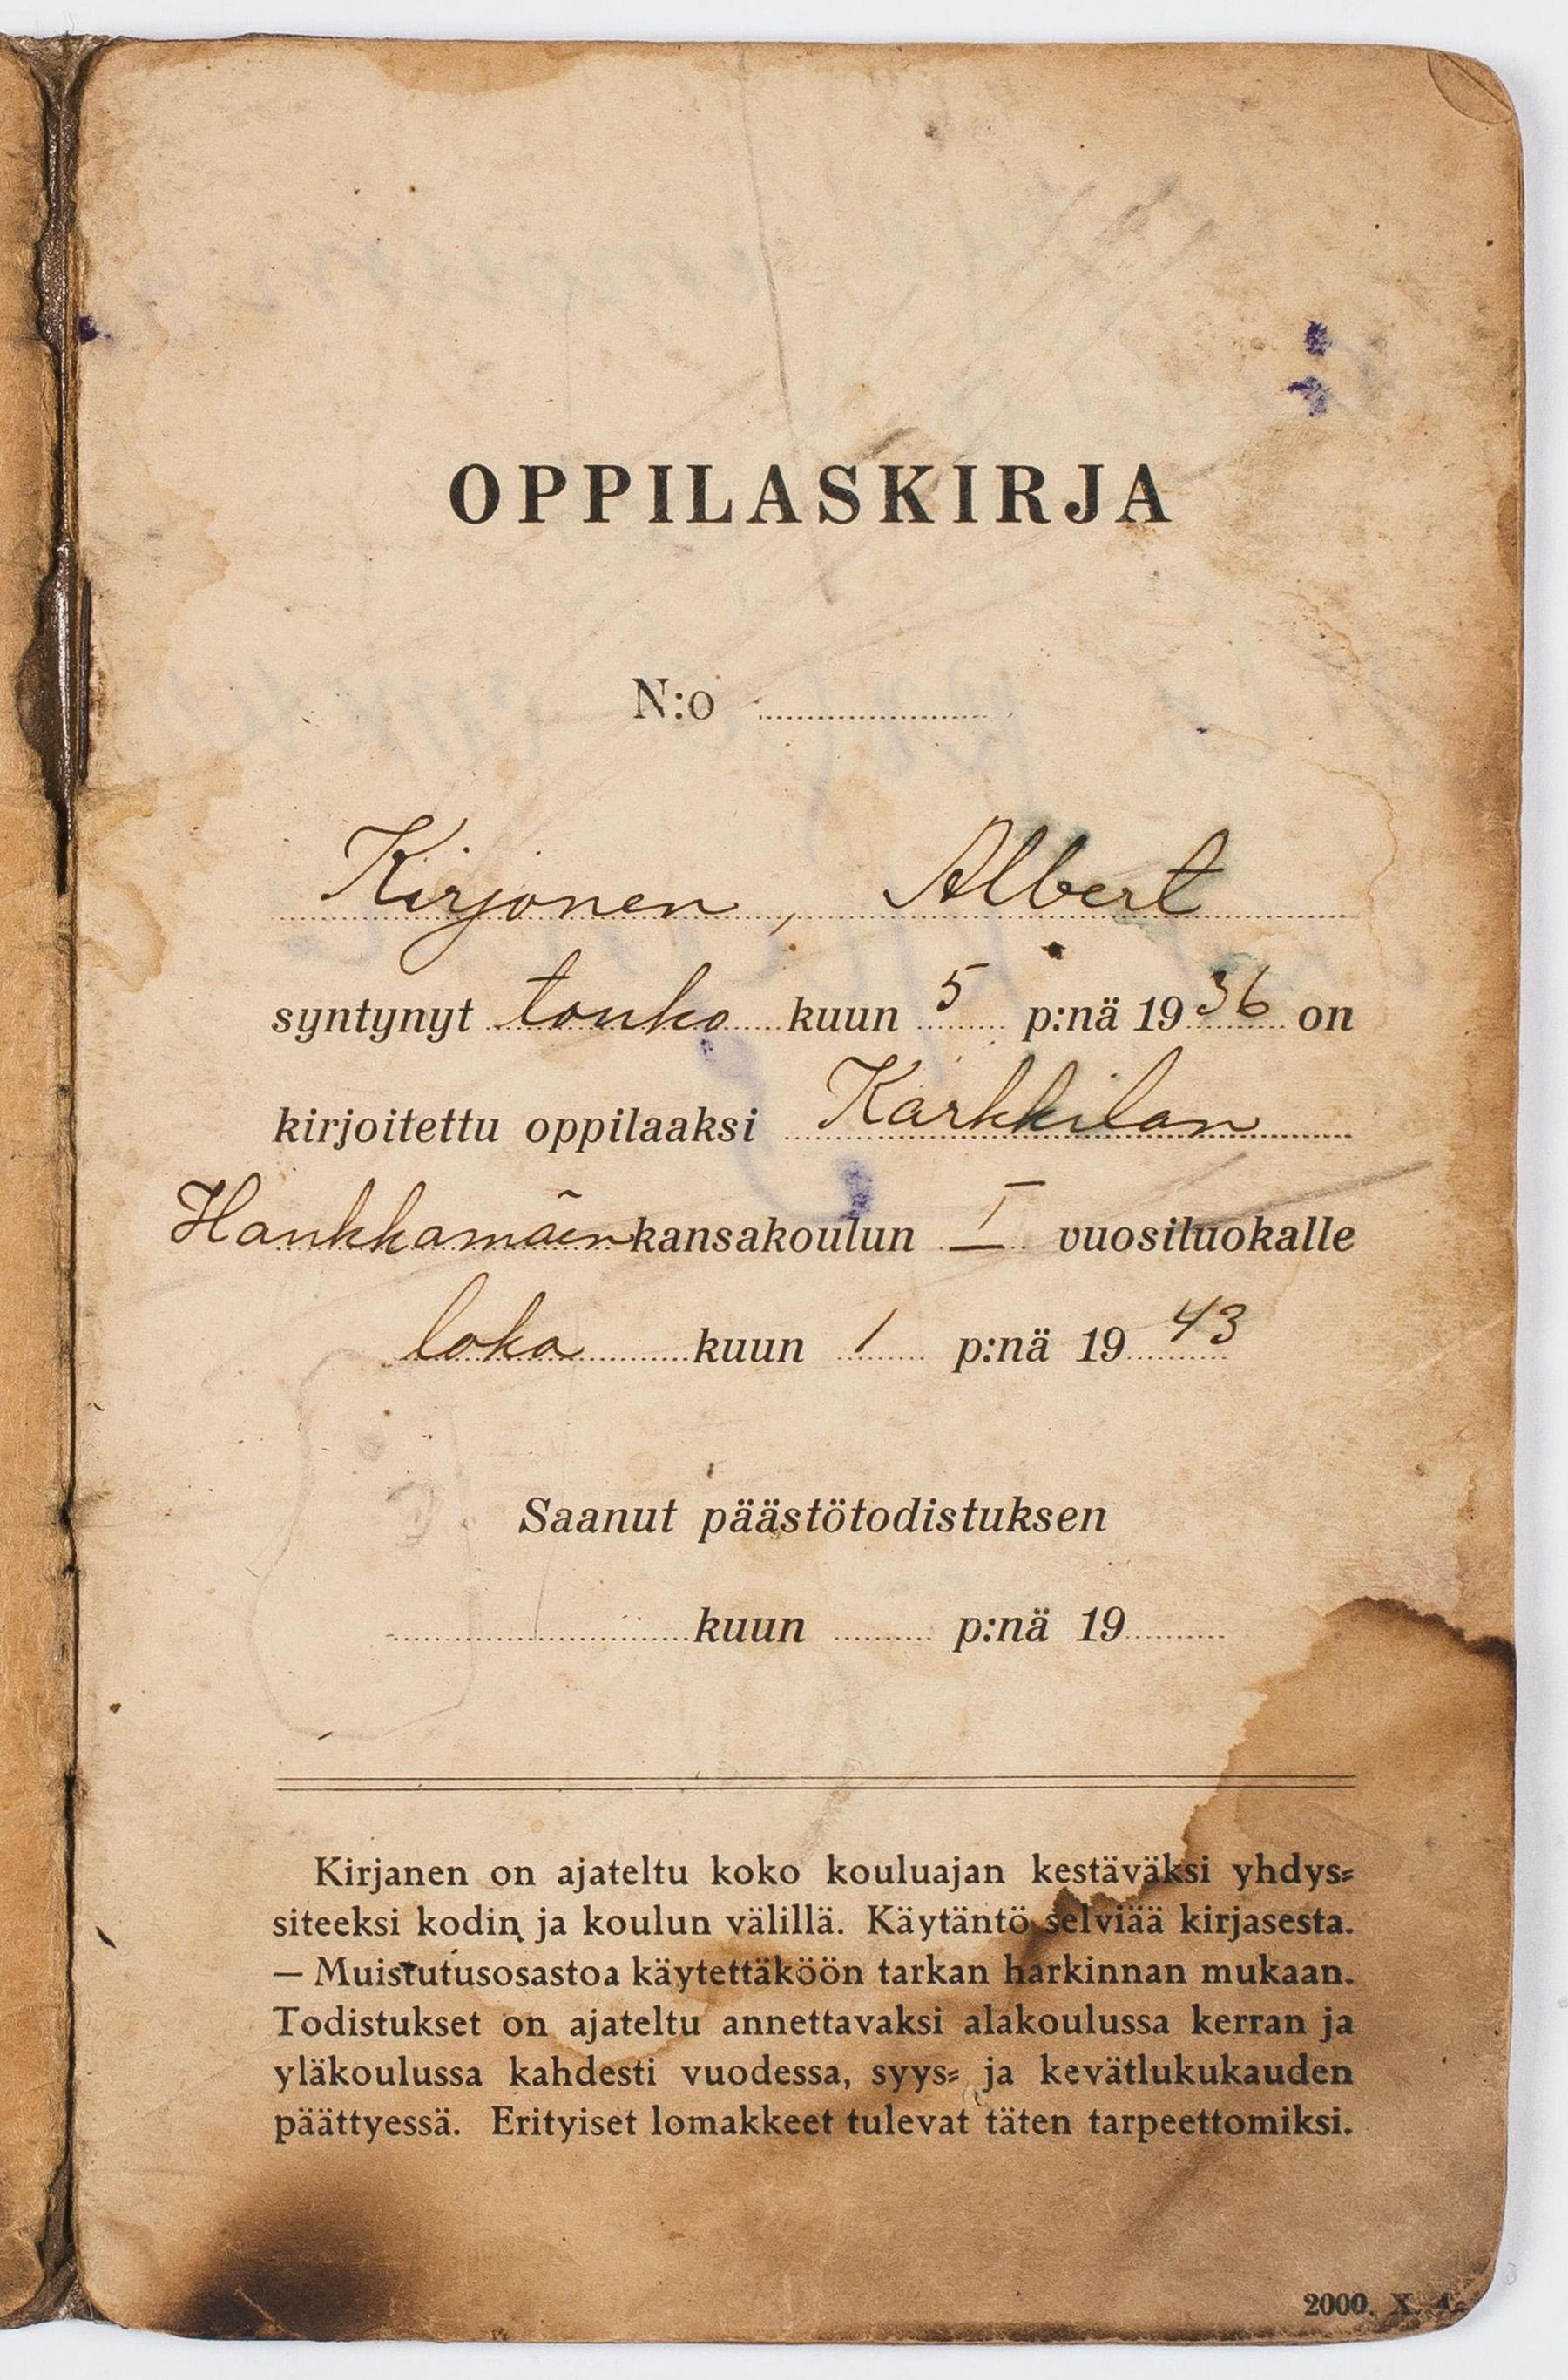 Kuva Albert Kirjasen oppilaskirjan sivusta vuodelta 1943. SKS KIA, Albert Kirjasen arkisto. CC BY 4.0